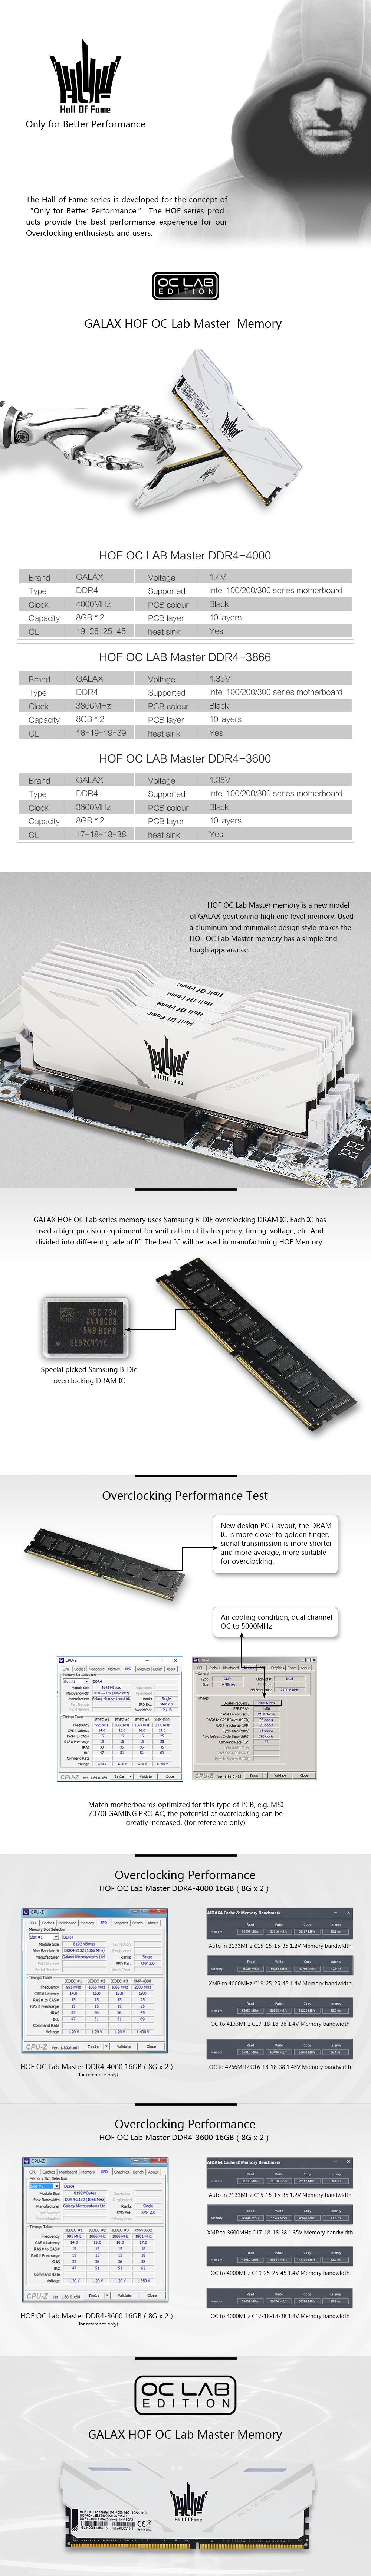 GALAX HOF OC Lab Master DDR4-4000 16G (8G*2) - RAM